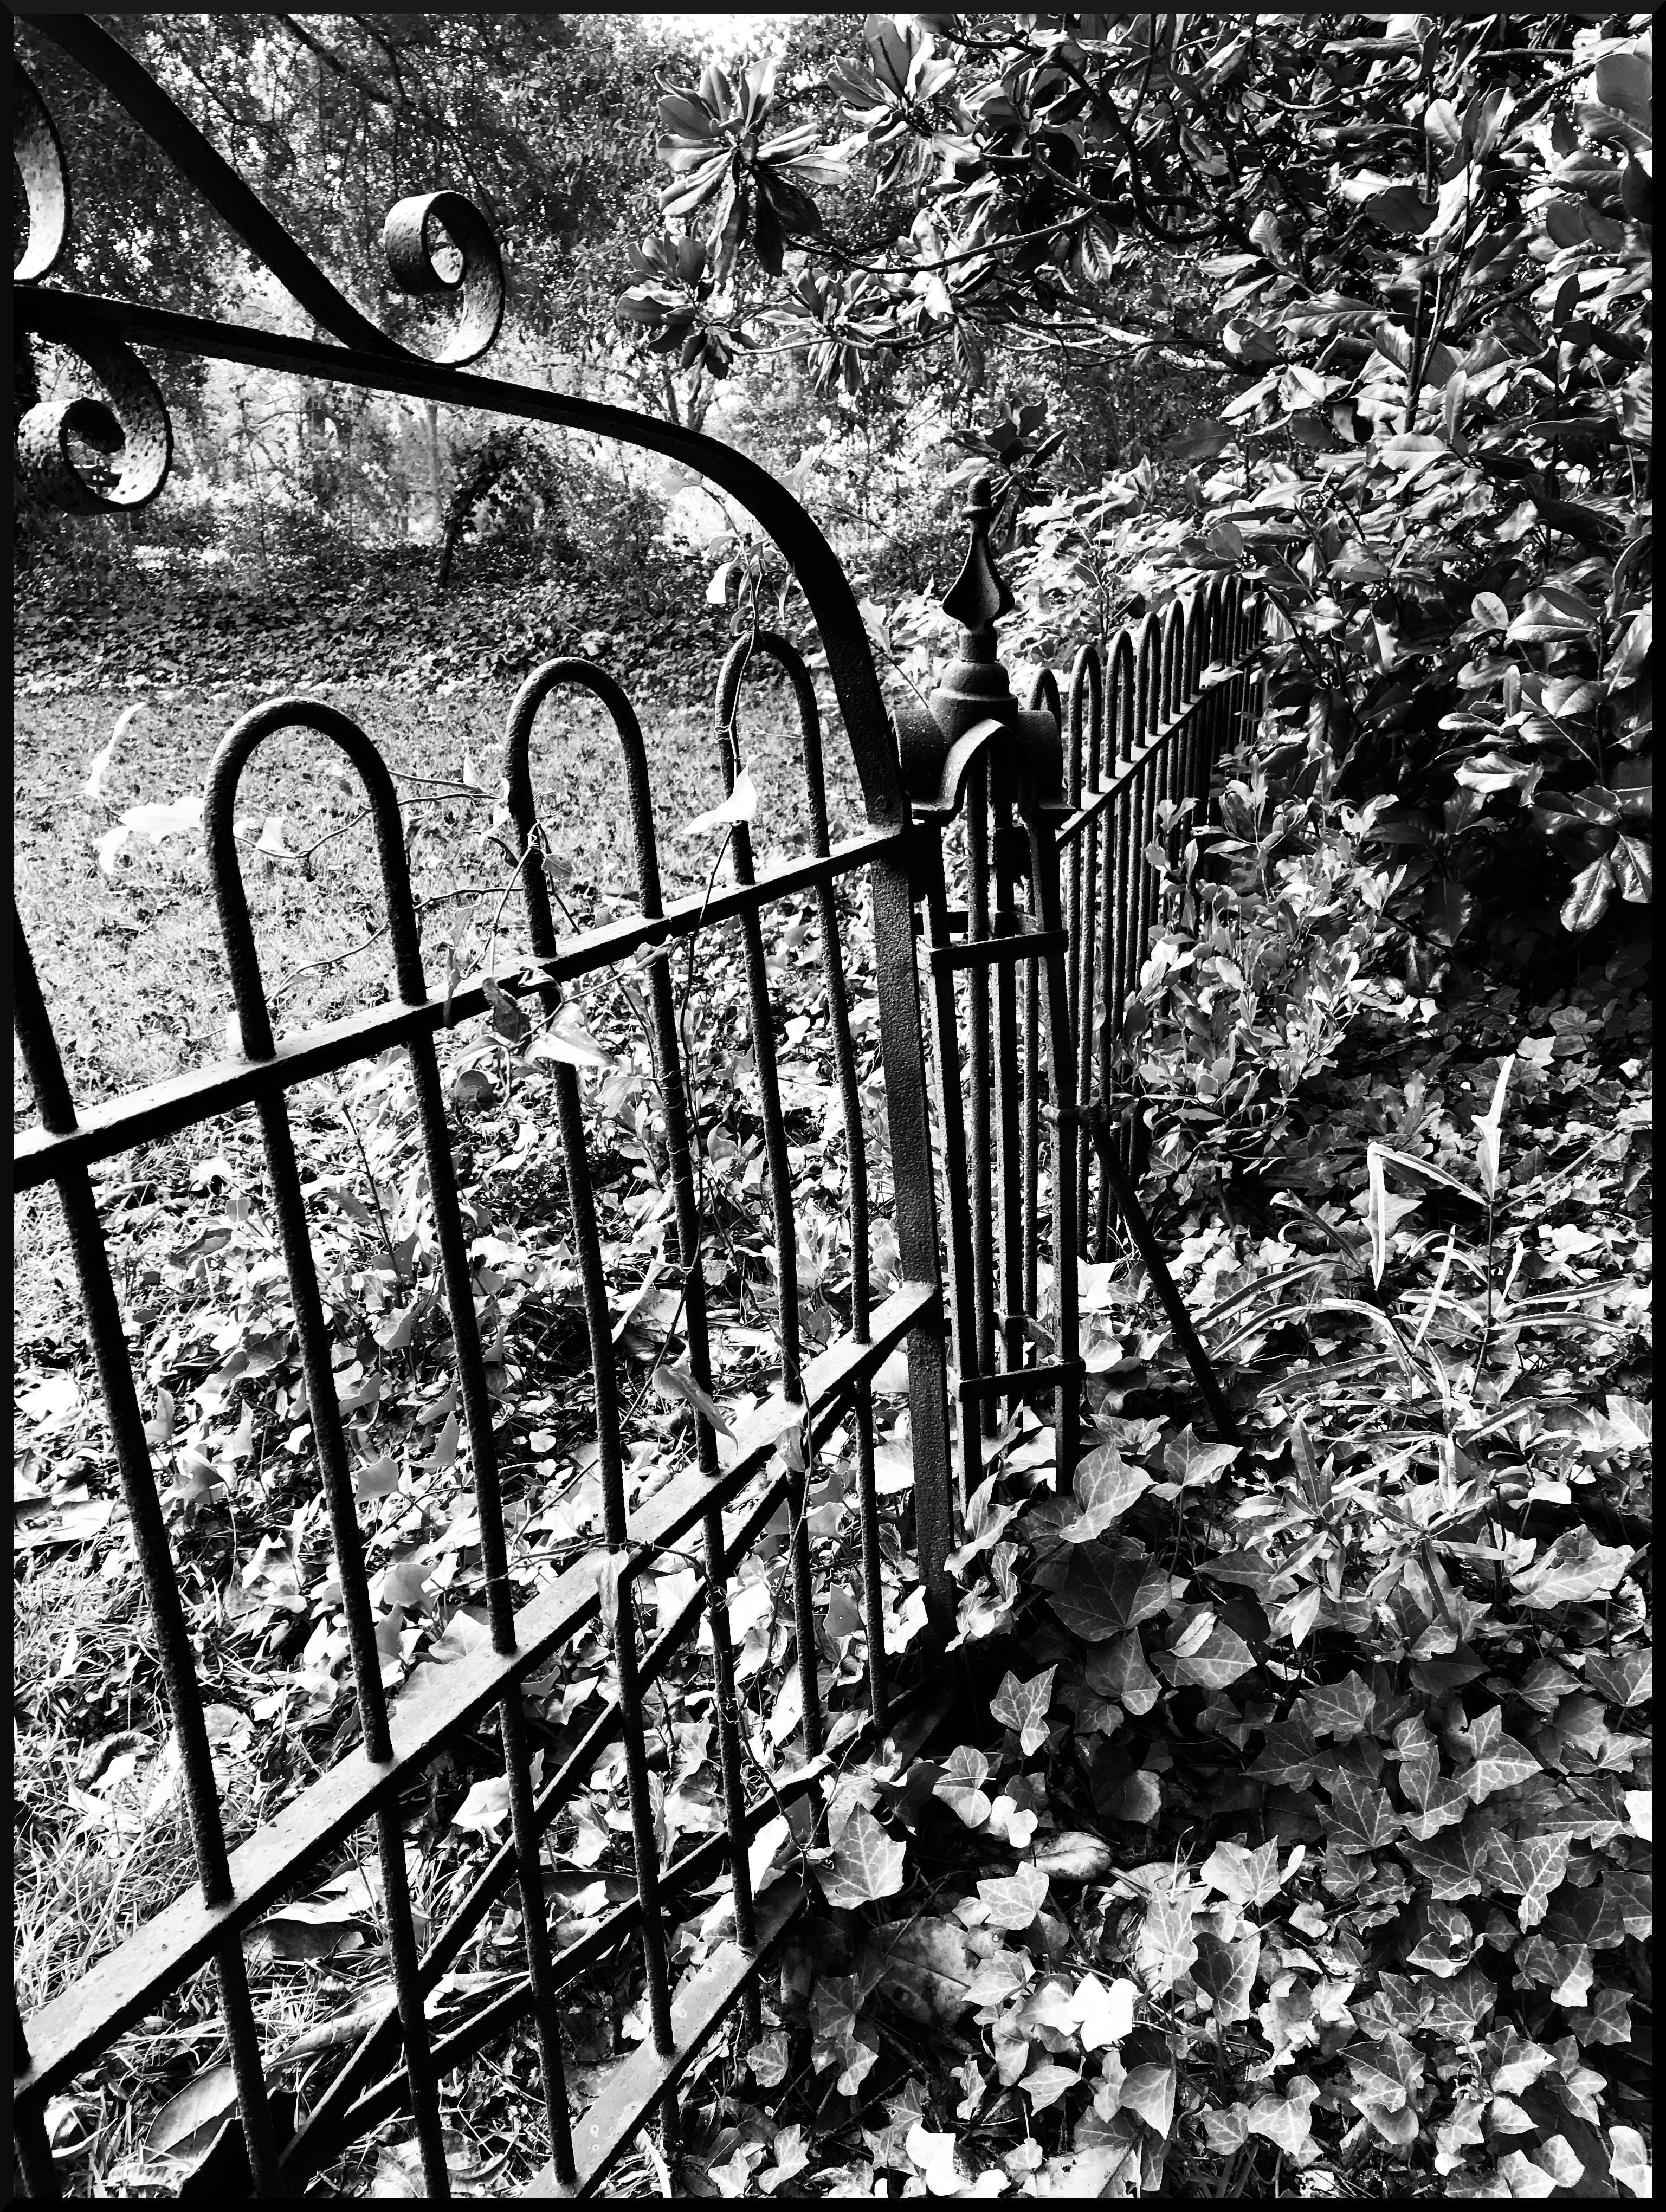 Free stock photo of cemetery, iron fence, iron gate